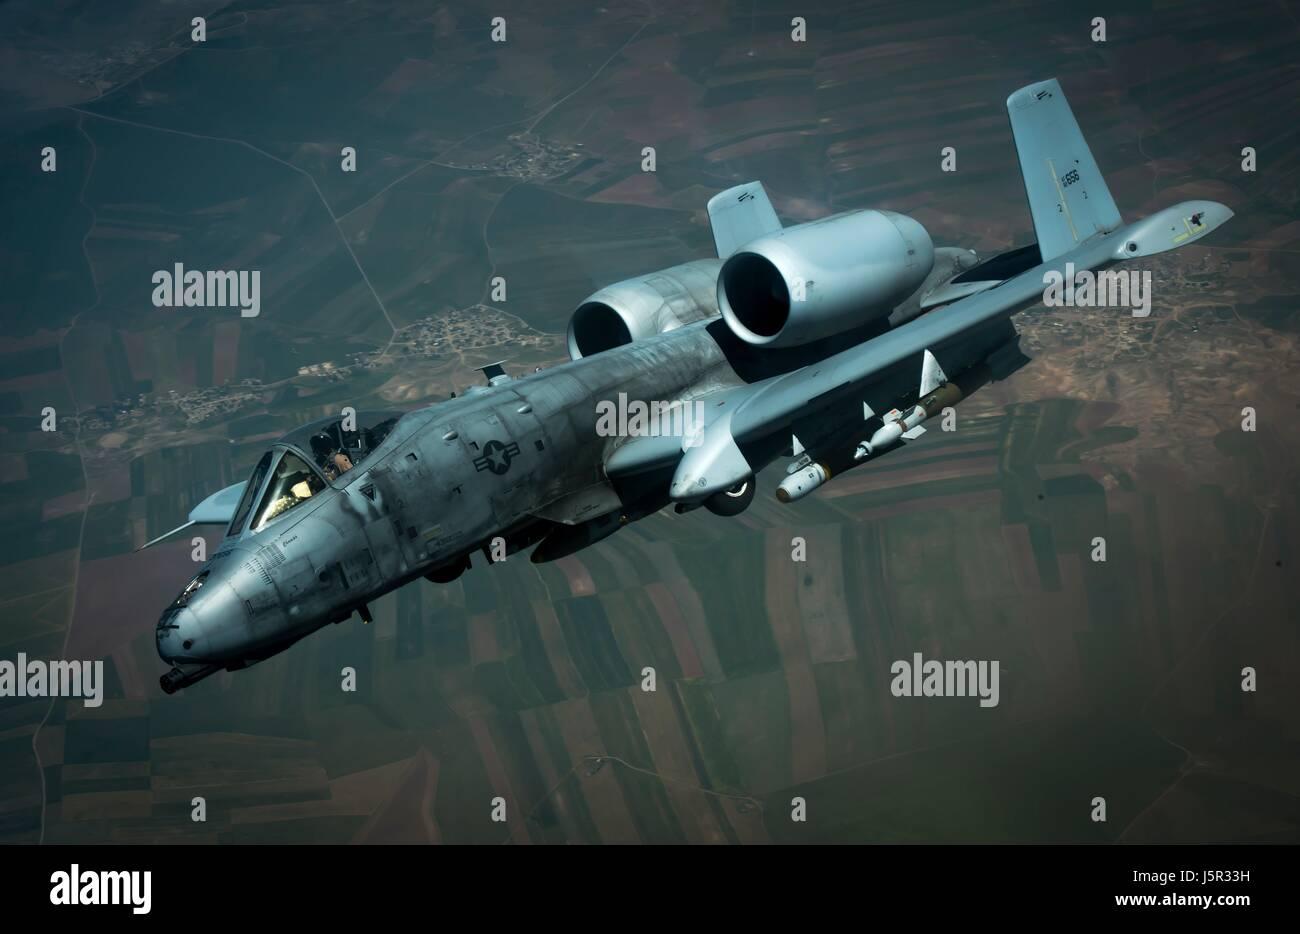 Jet Flugzeug Im Flug Wahrend Einer Operation Inharenten Losen Mission 9 Mai 2017 In Katar Foto Von Michael Schlachten EURO1 Air Force Uber Planetpix